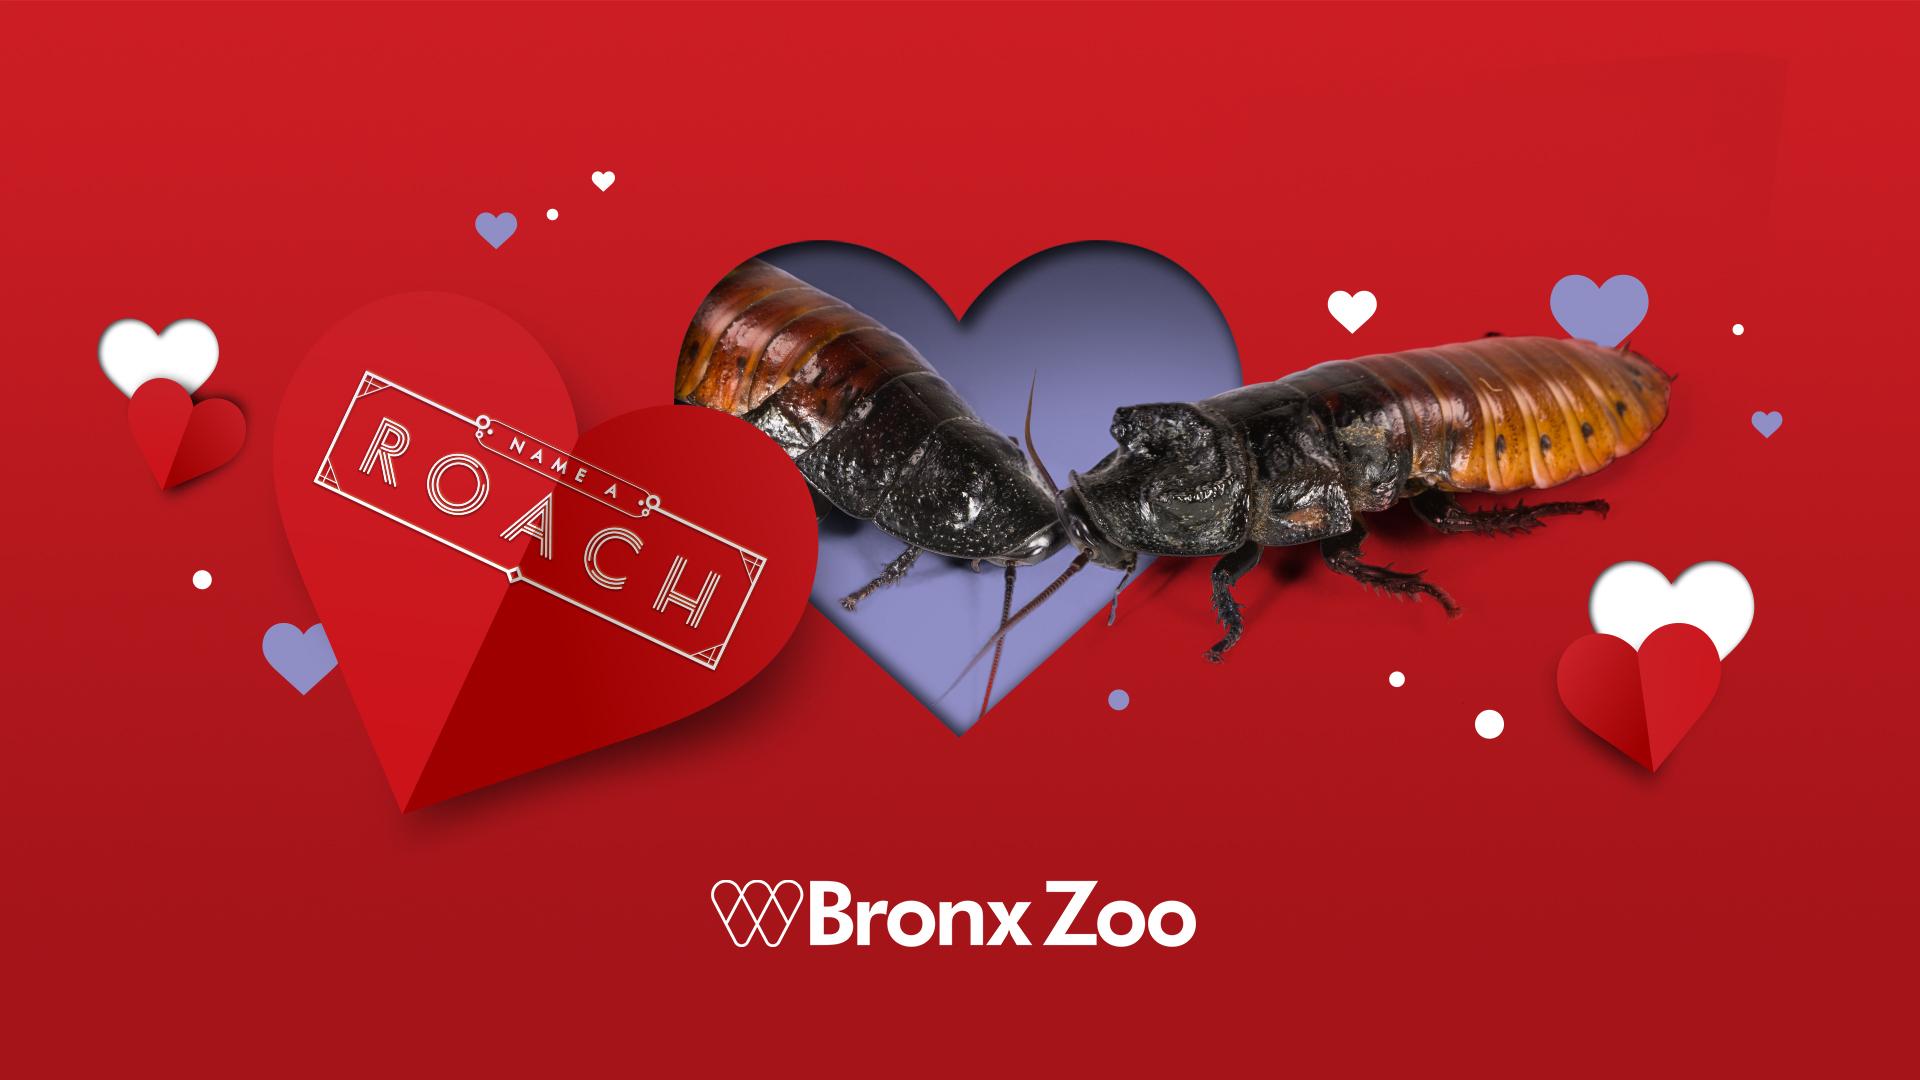 roach valentine